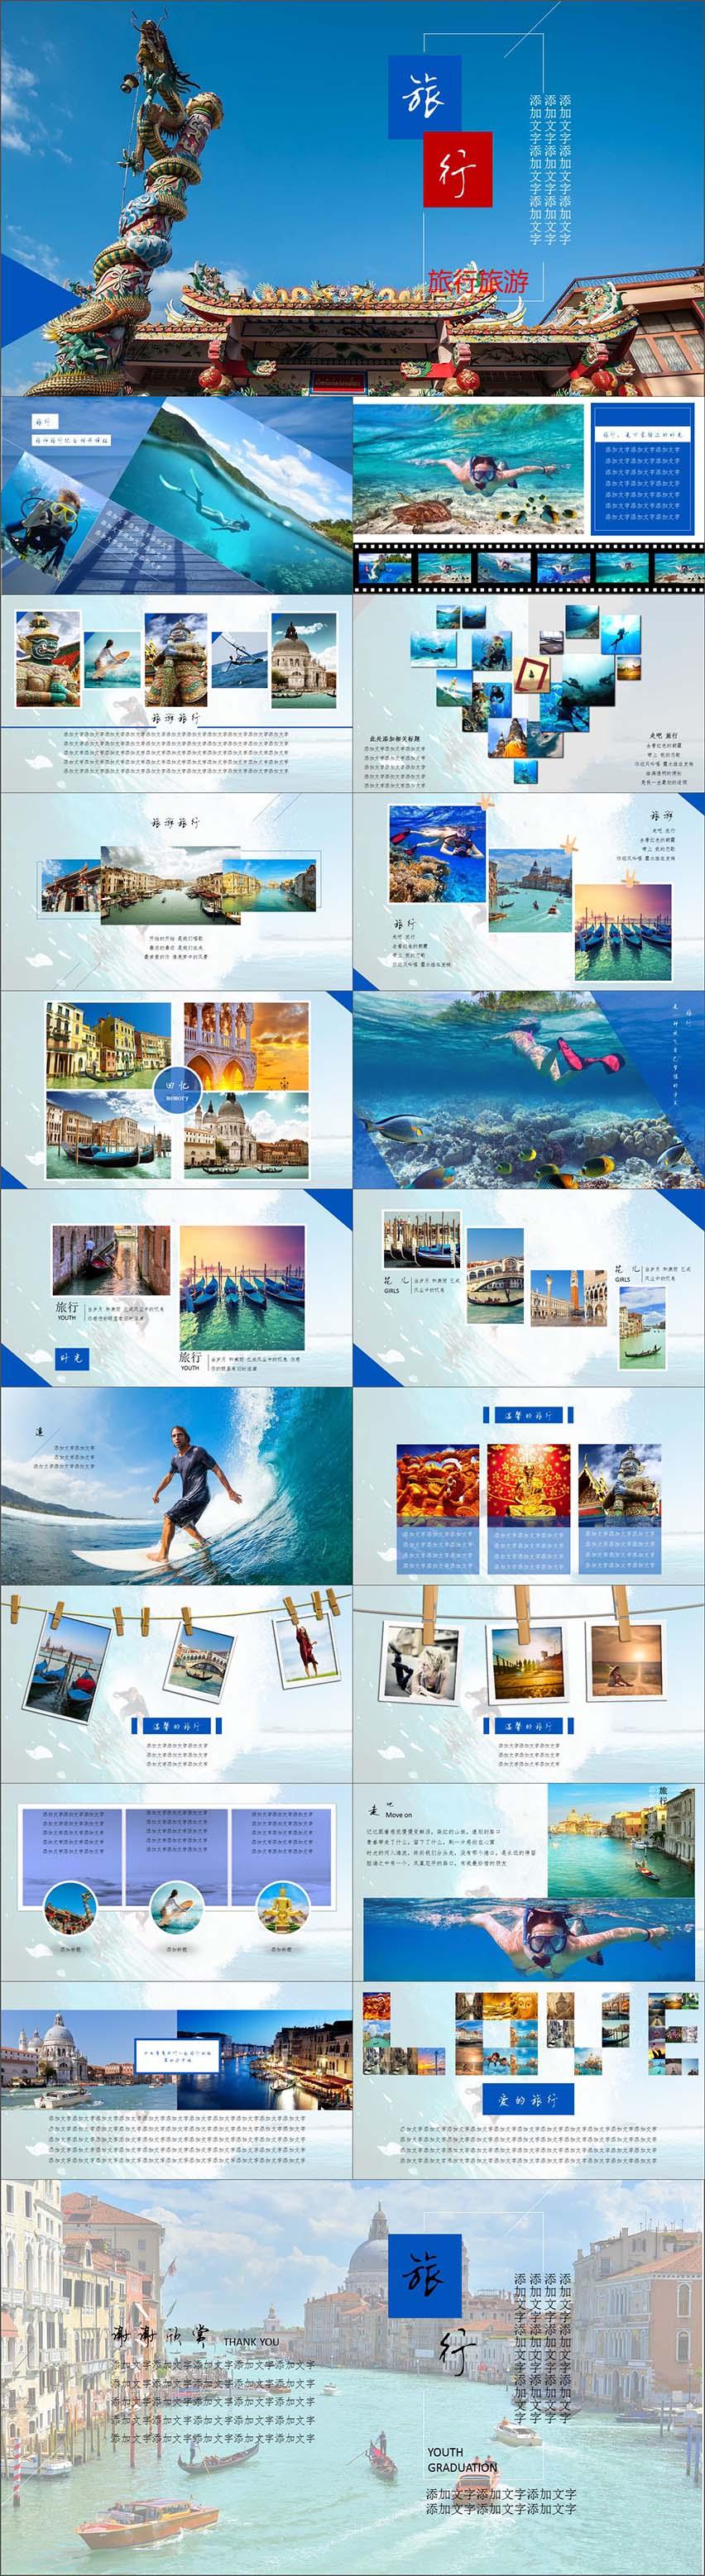 旅游旅行纪念相册ppt模板  作品标签: 旅行相册旅游纪念旅游规划景点